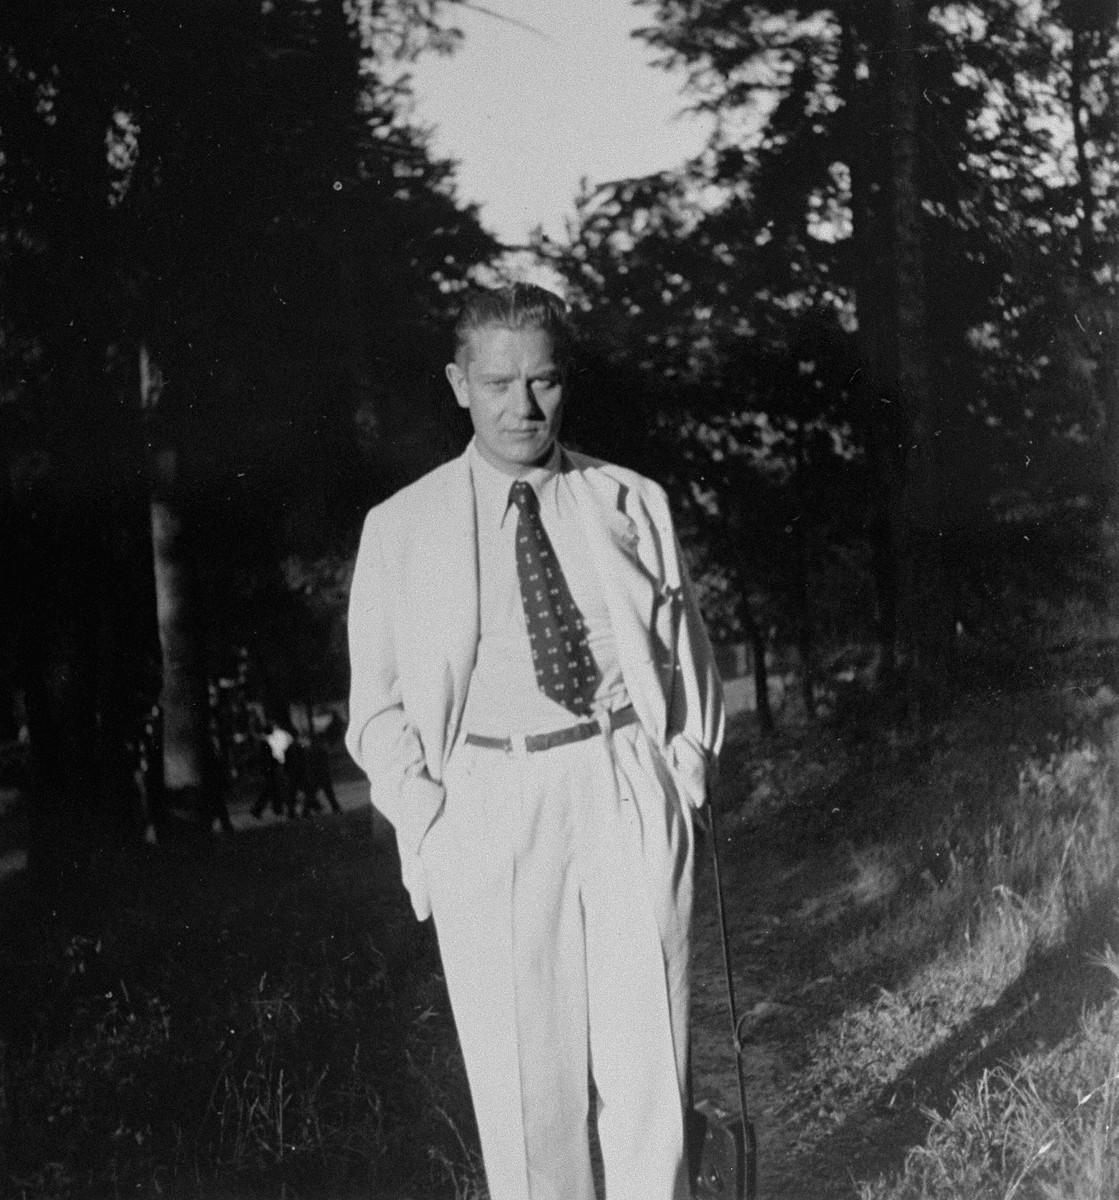 Portrait of Dr. Joseph Jaksy in a wooded area.